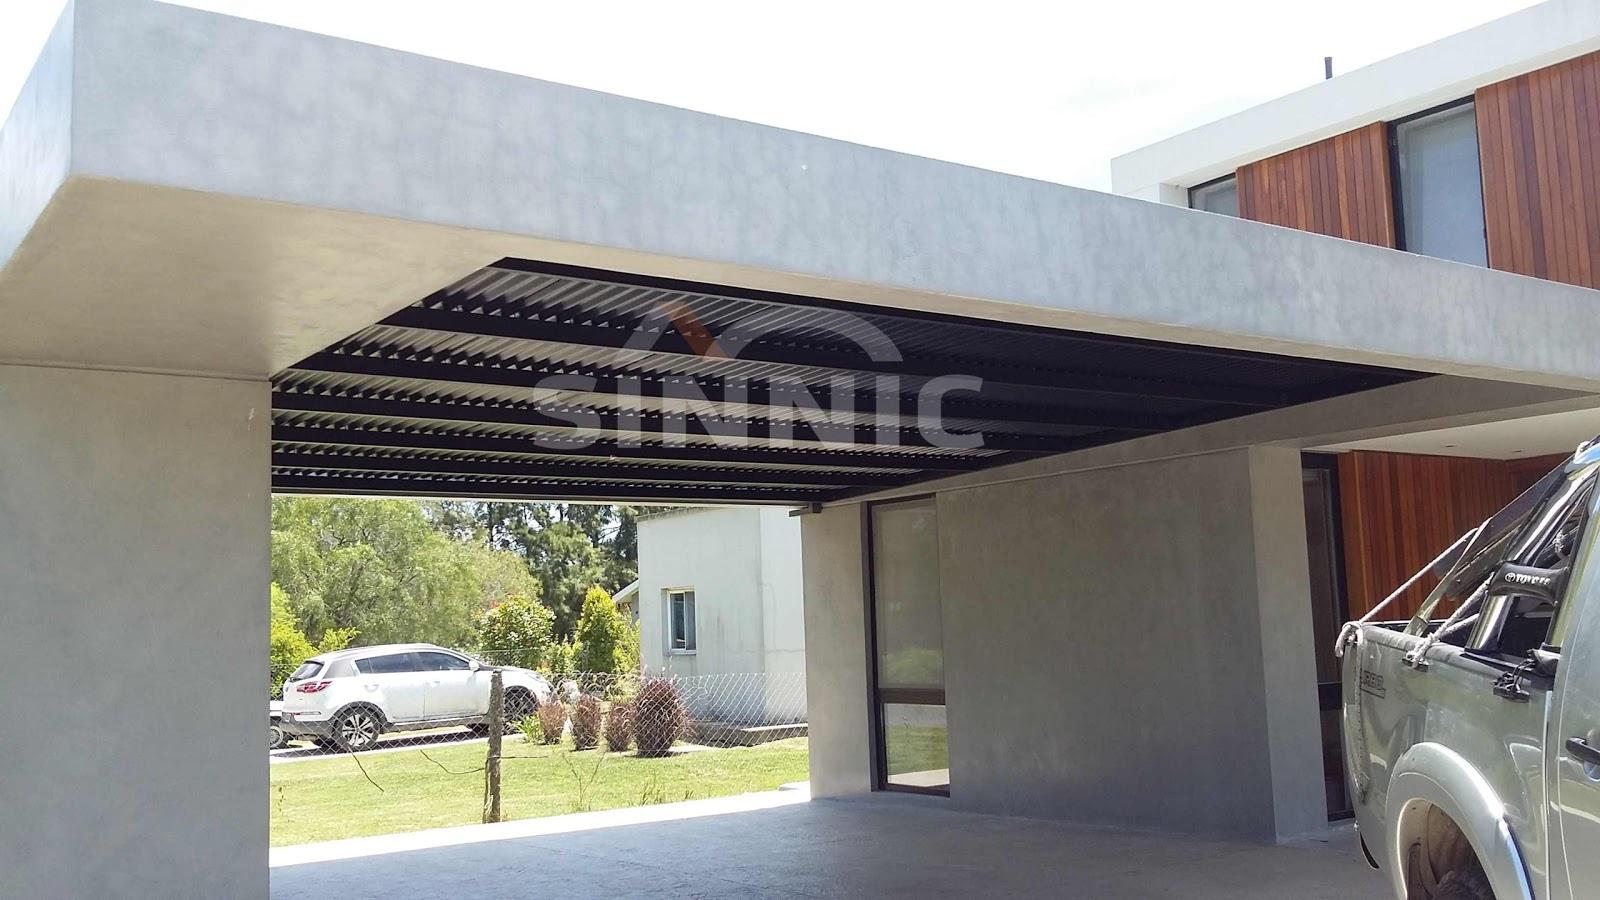 Techo de policarbonato pergolas aleros techo de chapa for Casas con techos de chapa de color